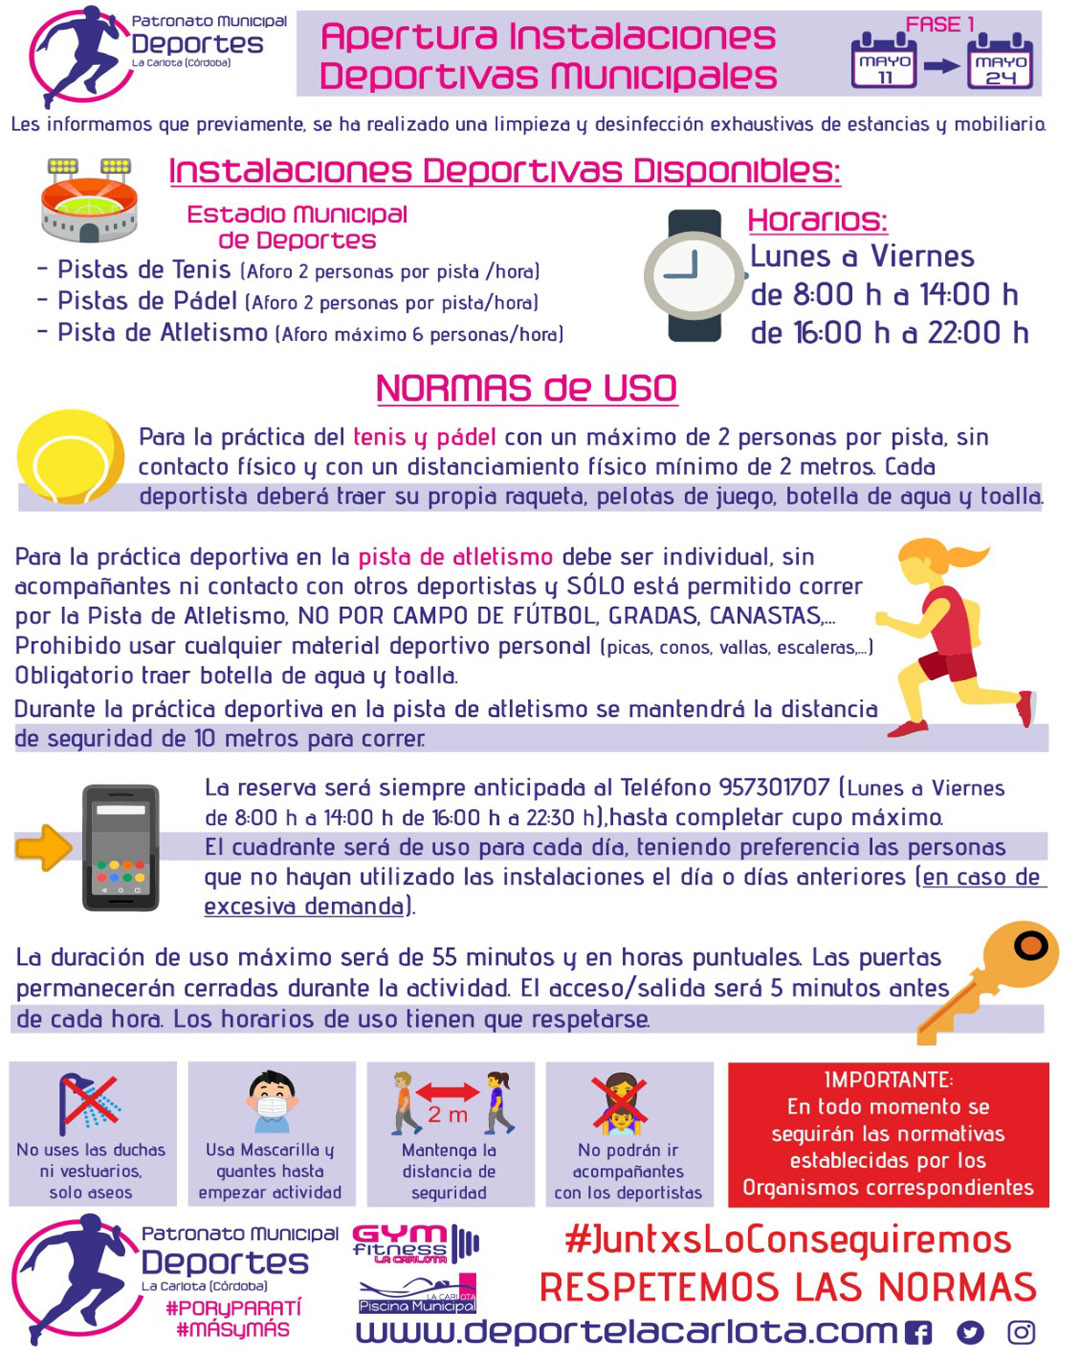 INSTALACIONES DEPORTIVAS MUNICIPALES DISPONIBLES DESDE EL 11 DE MAYO 1